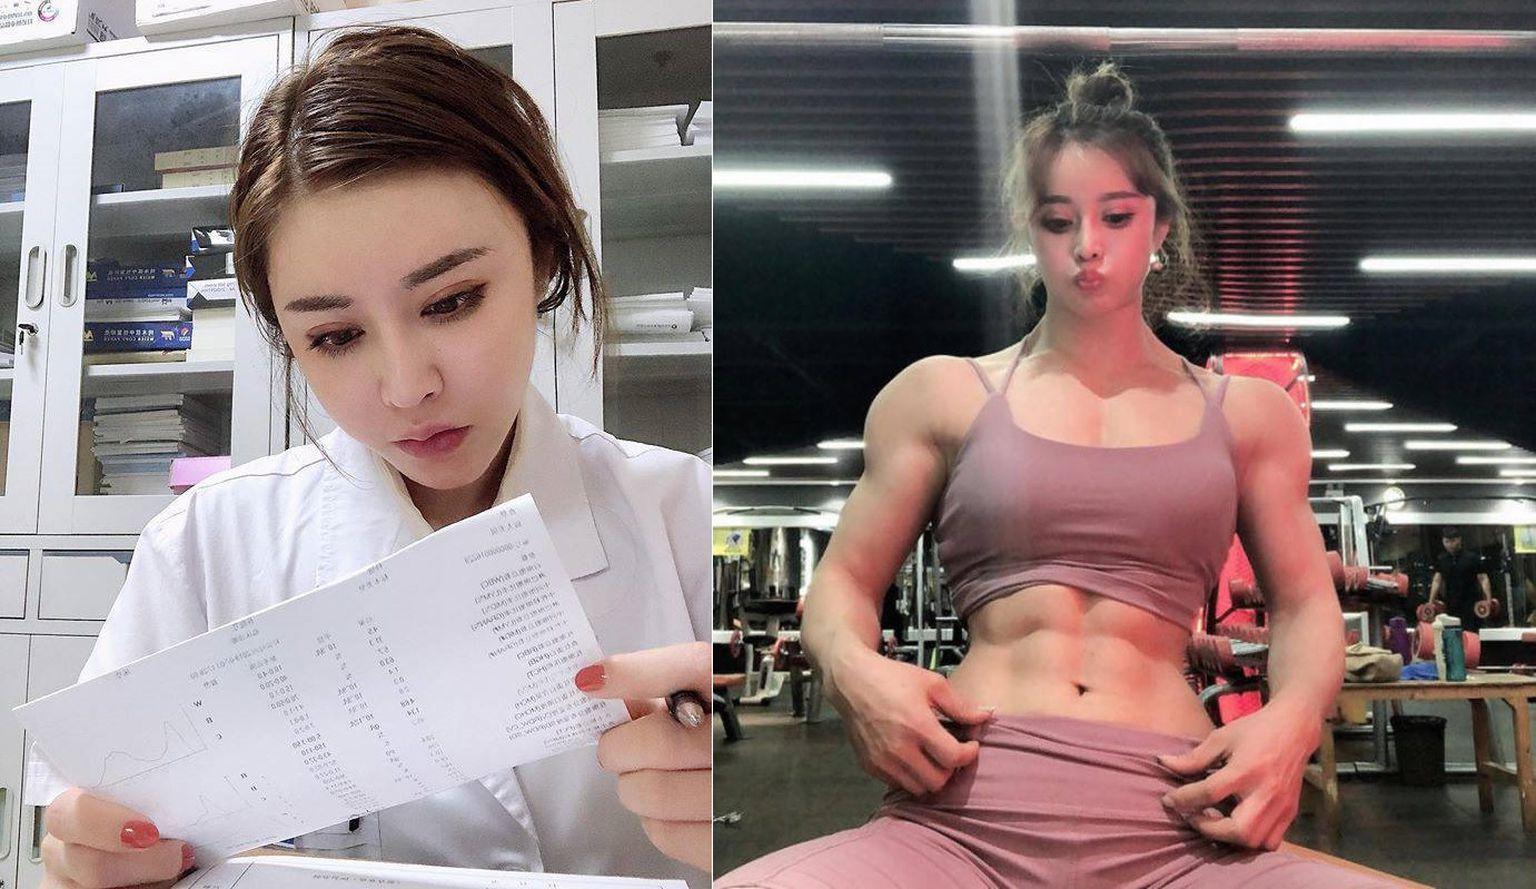 Fotos: Ésta tonificada doctora china curará de todos tus males